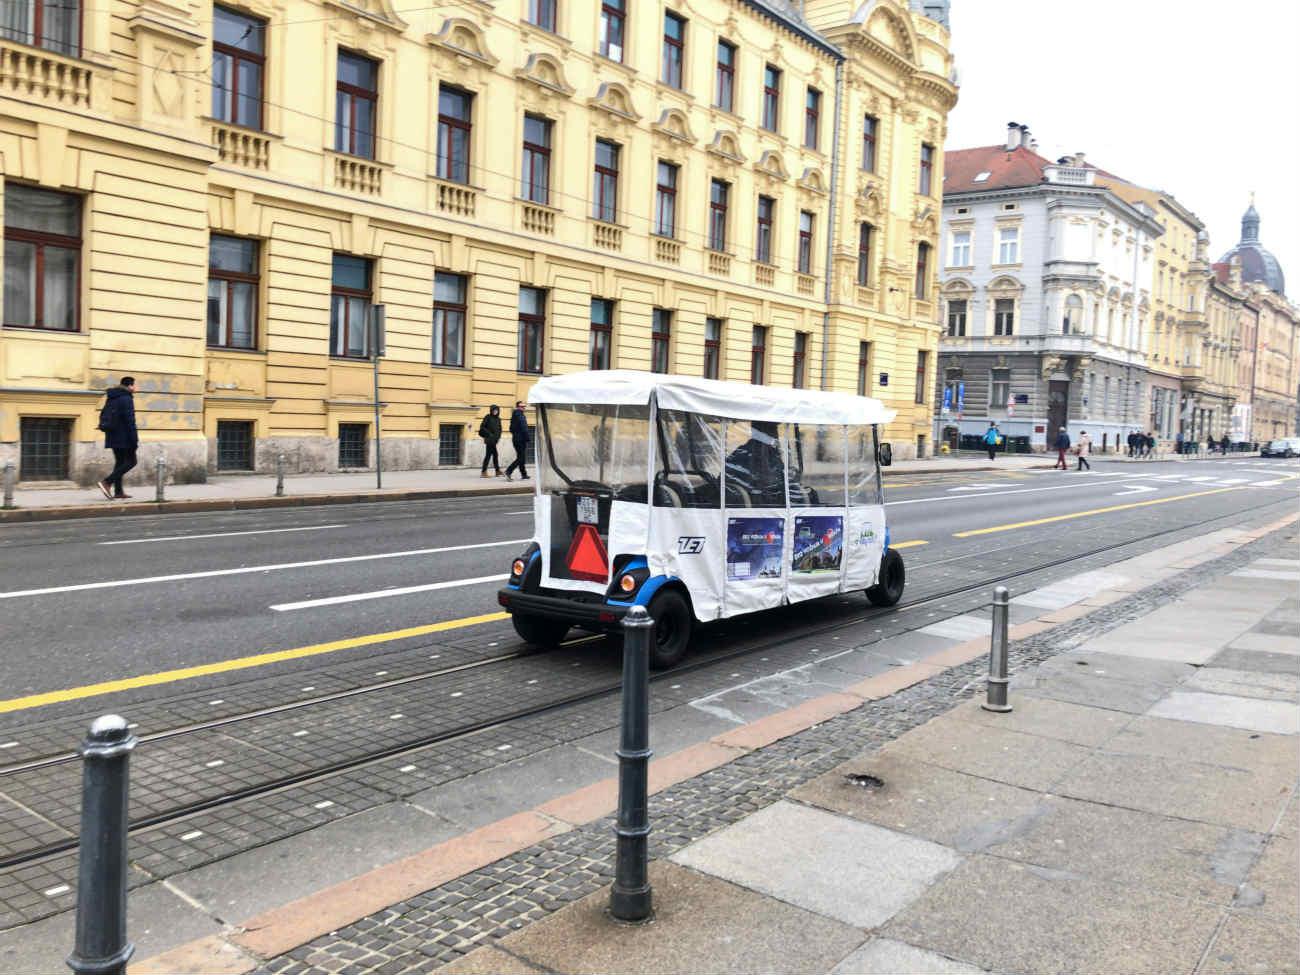 ザグレブ市内を走る車